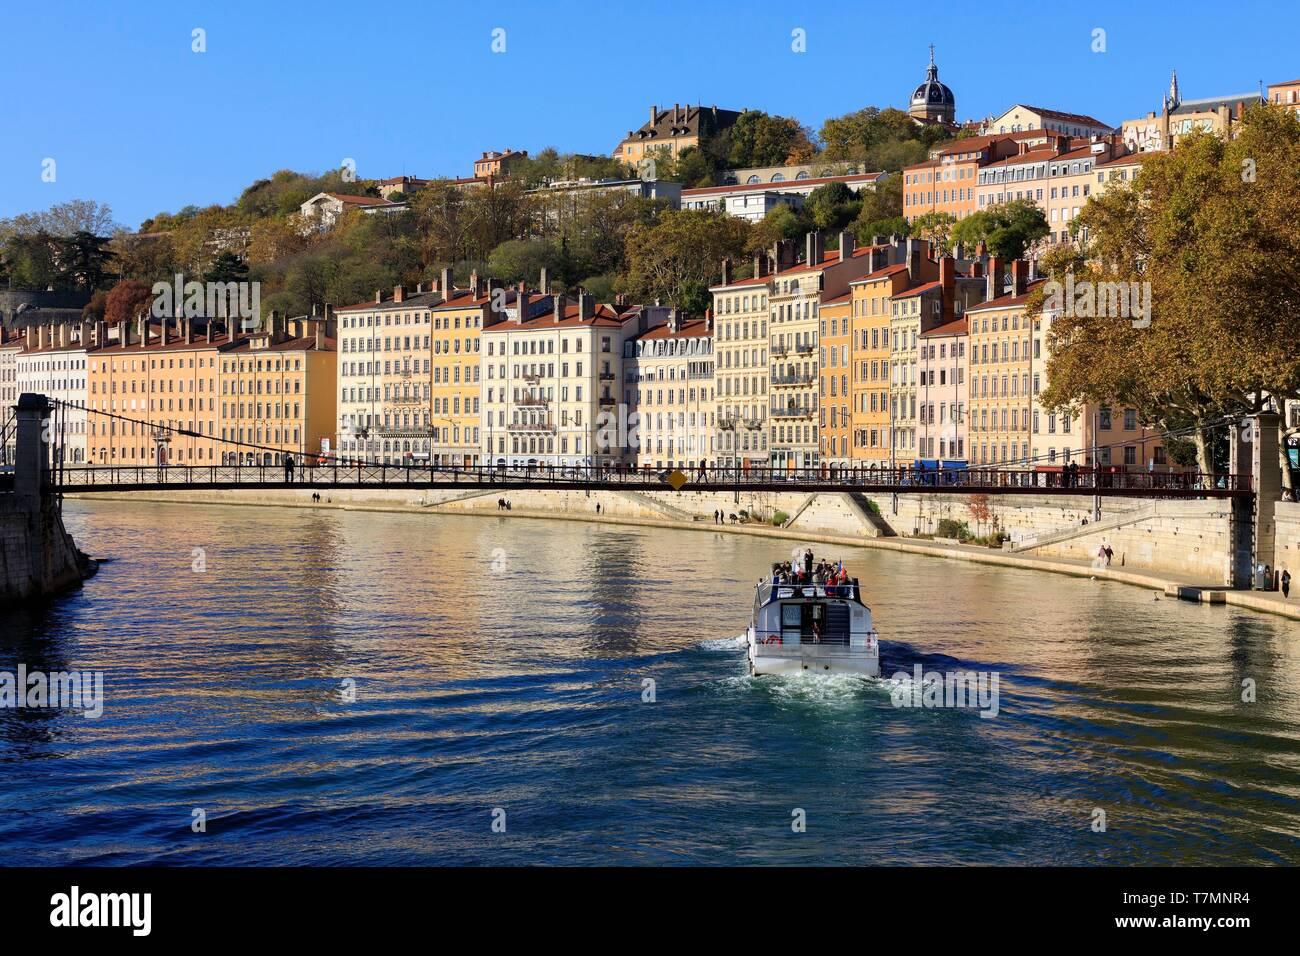 France, Rhône, Lyon, 1st arrondissement, Les Terreaux district ...